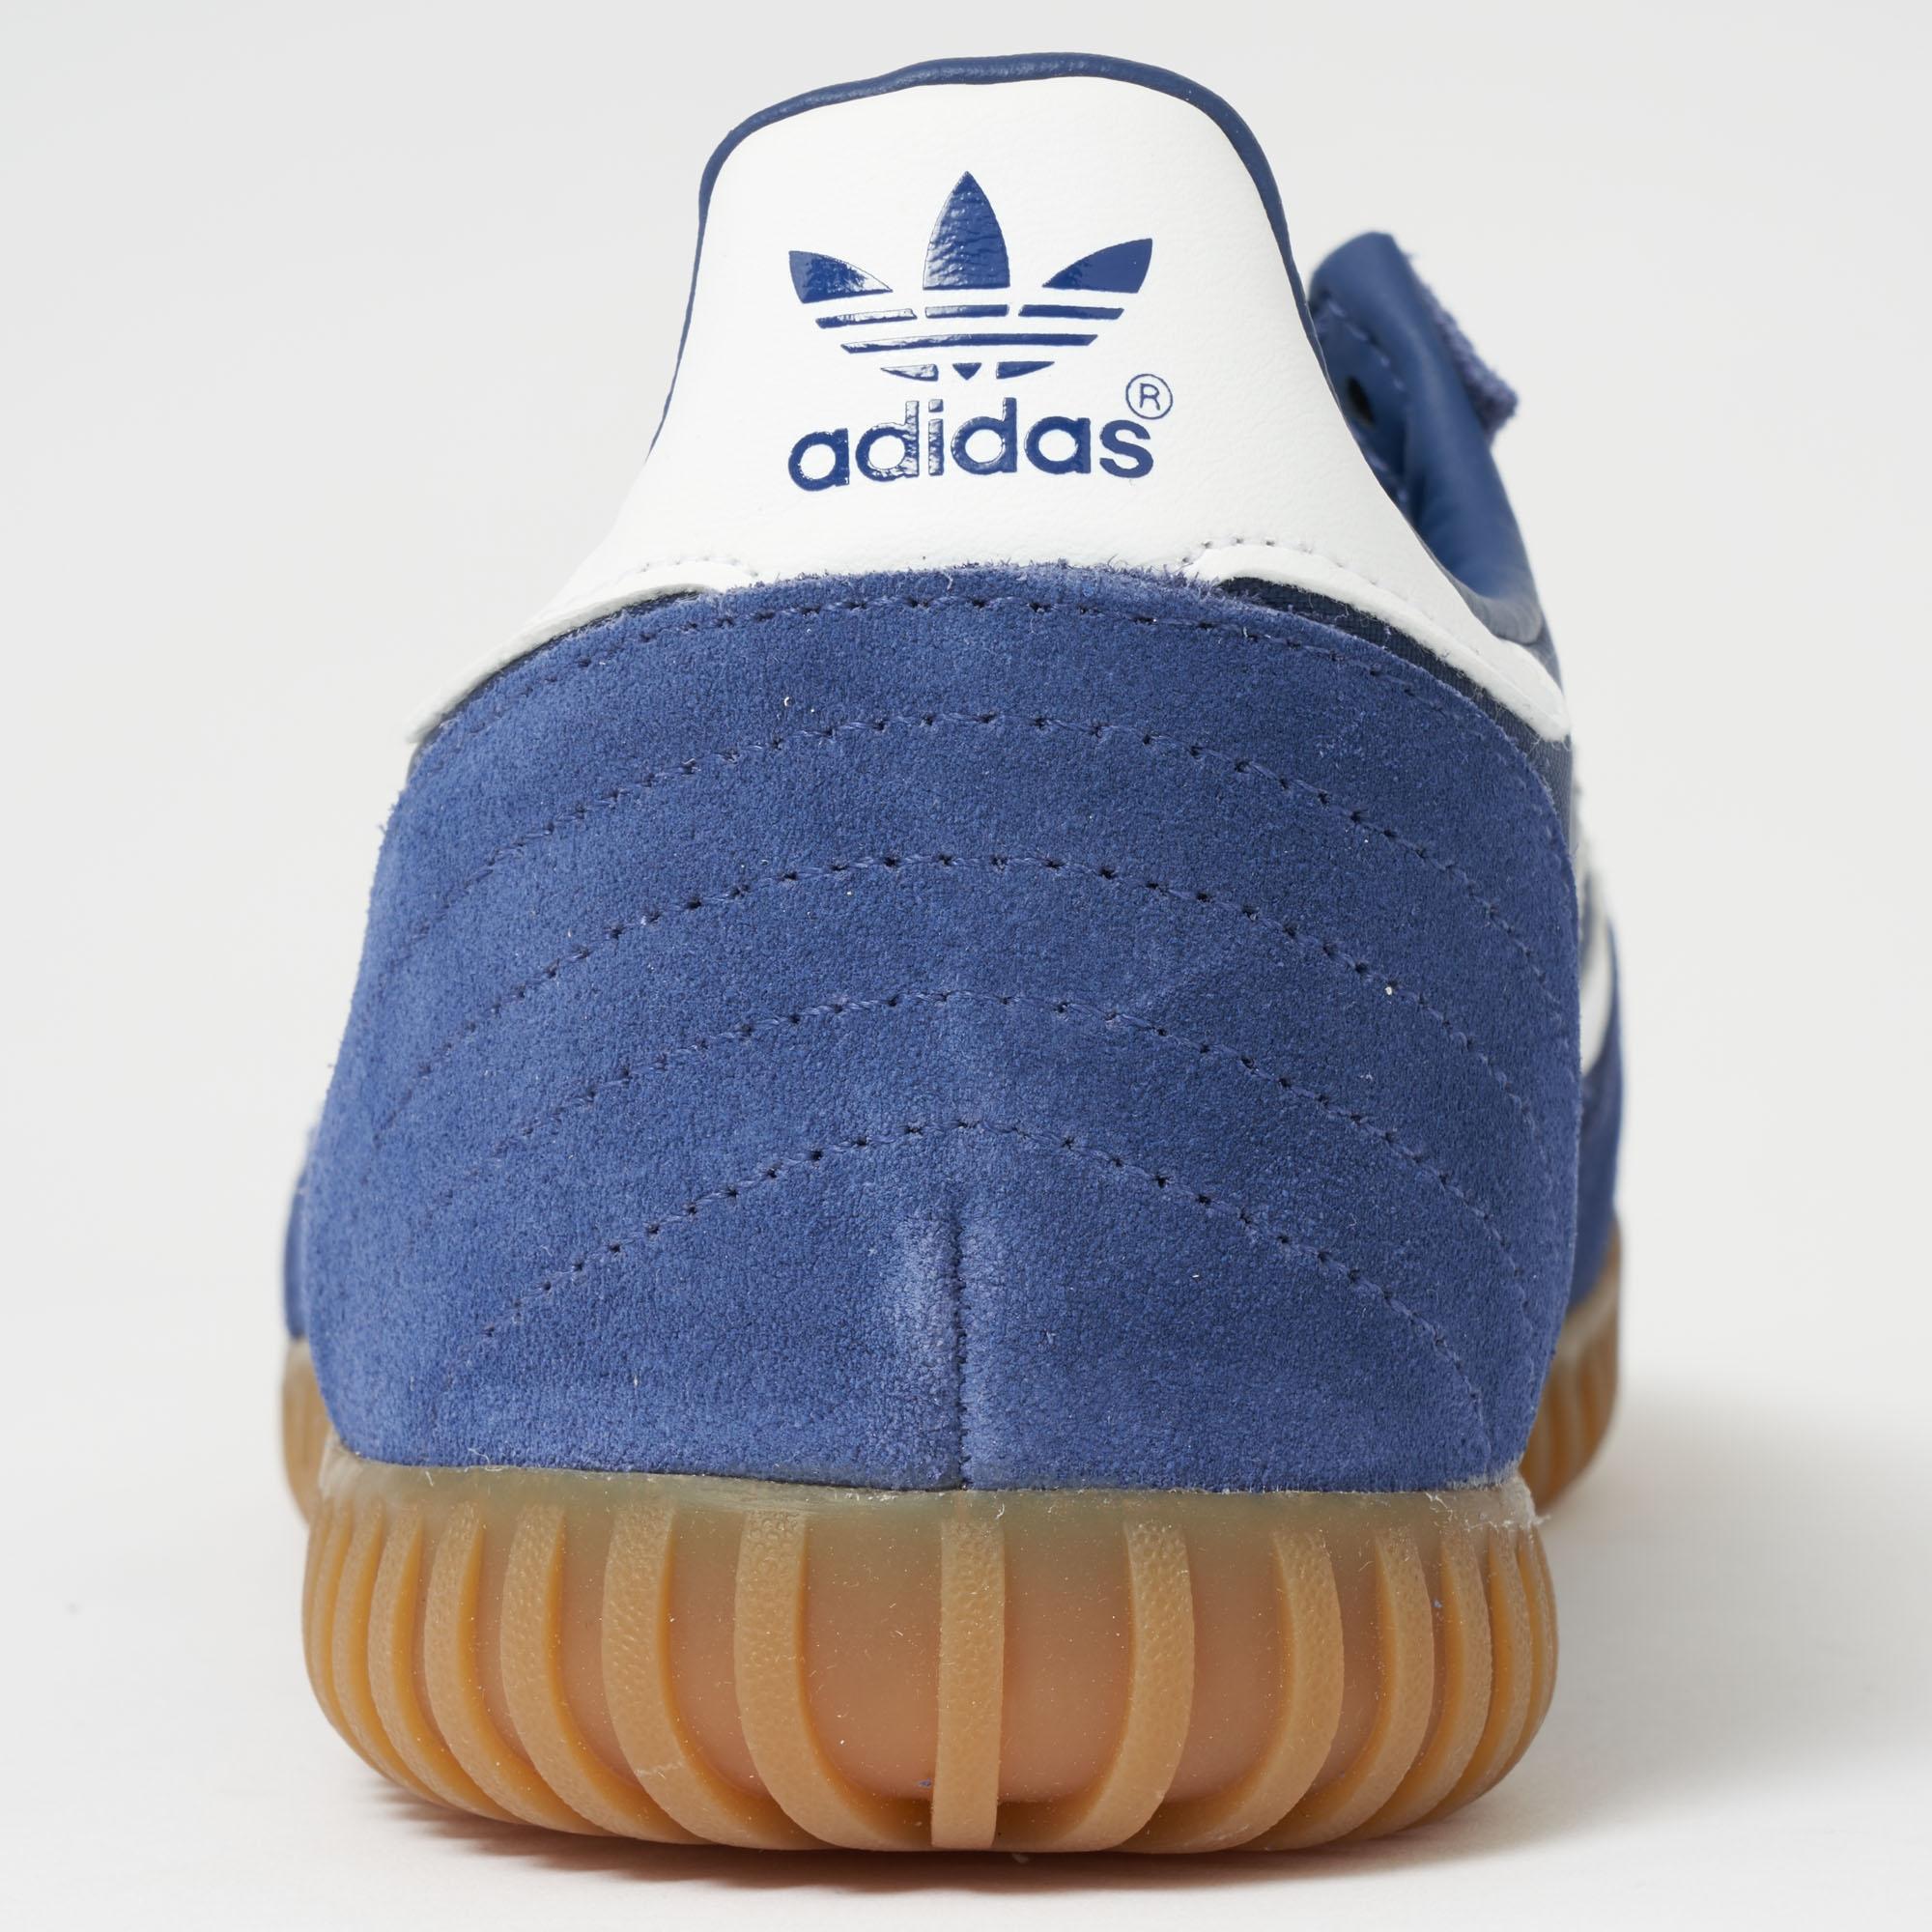 cad8684a9195 adidas Originals Indoor Super - Indigo, Ftw White & Gum in Blue for ...